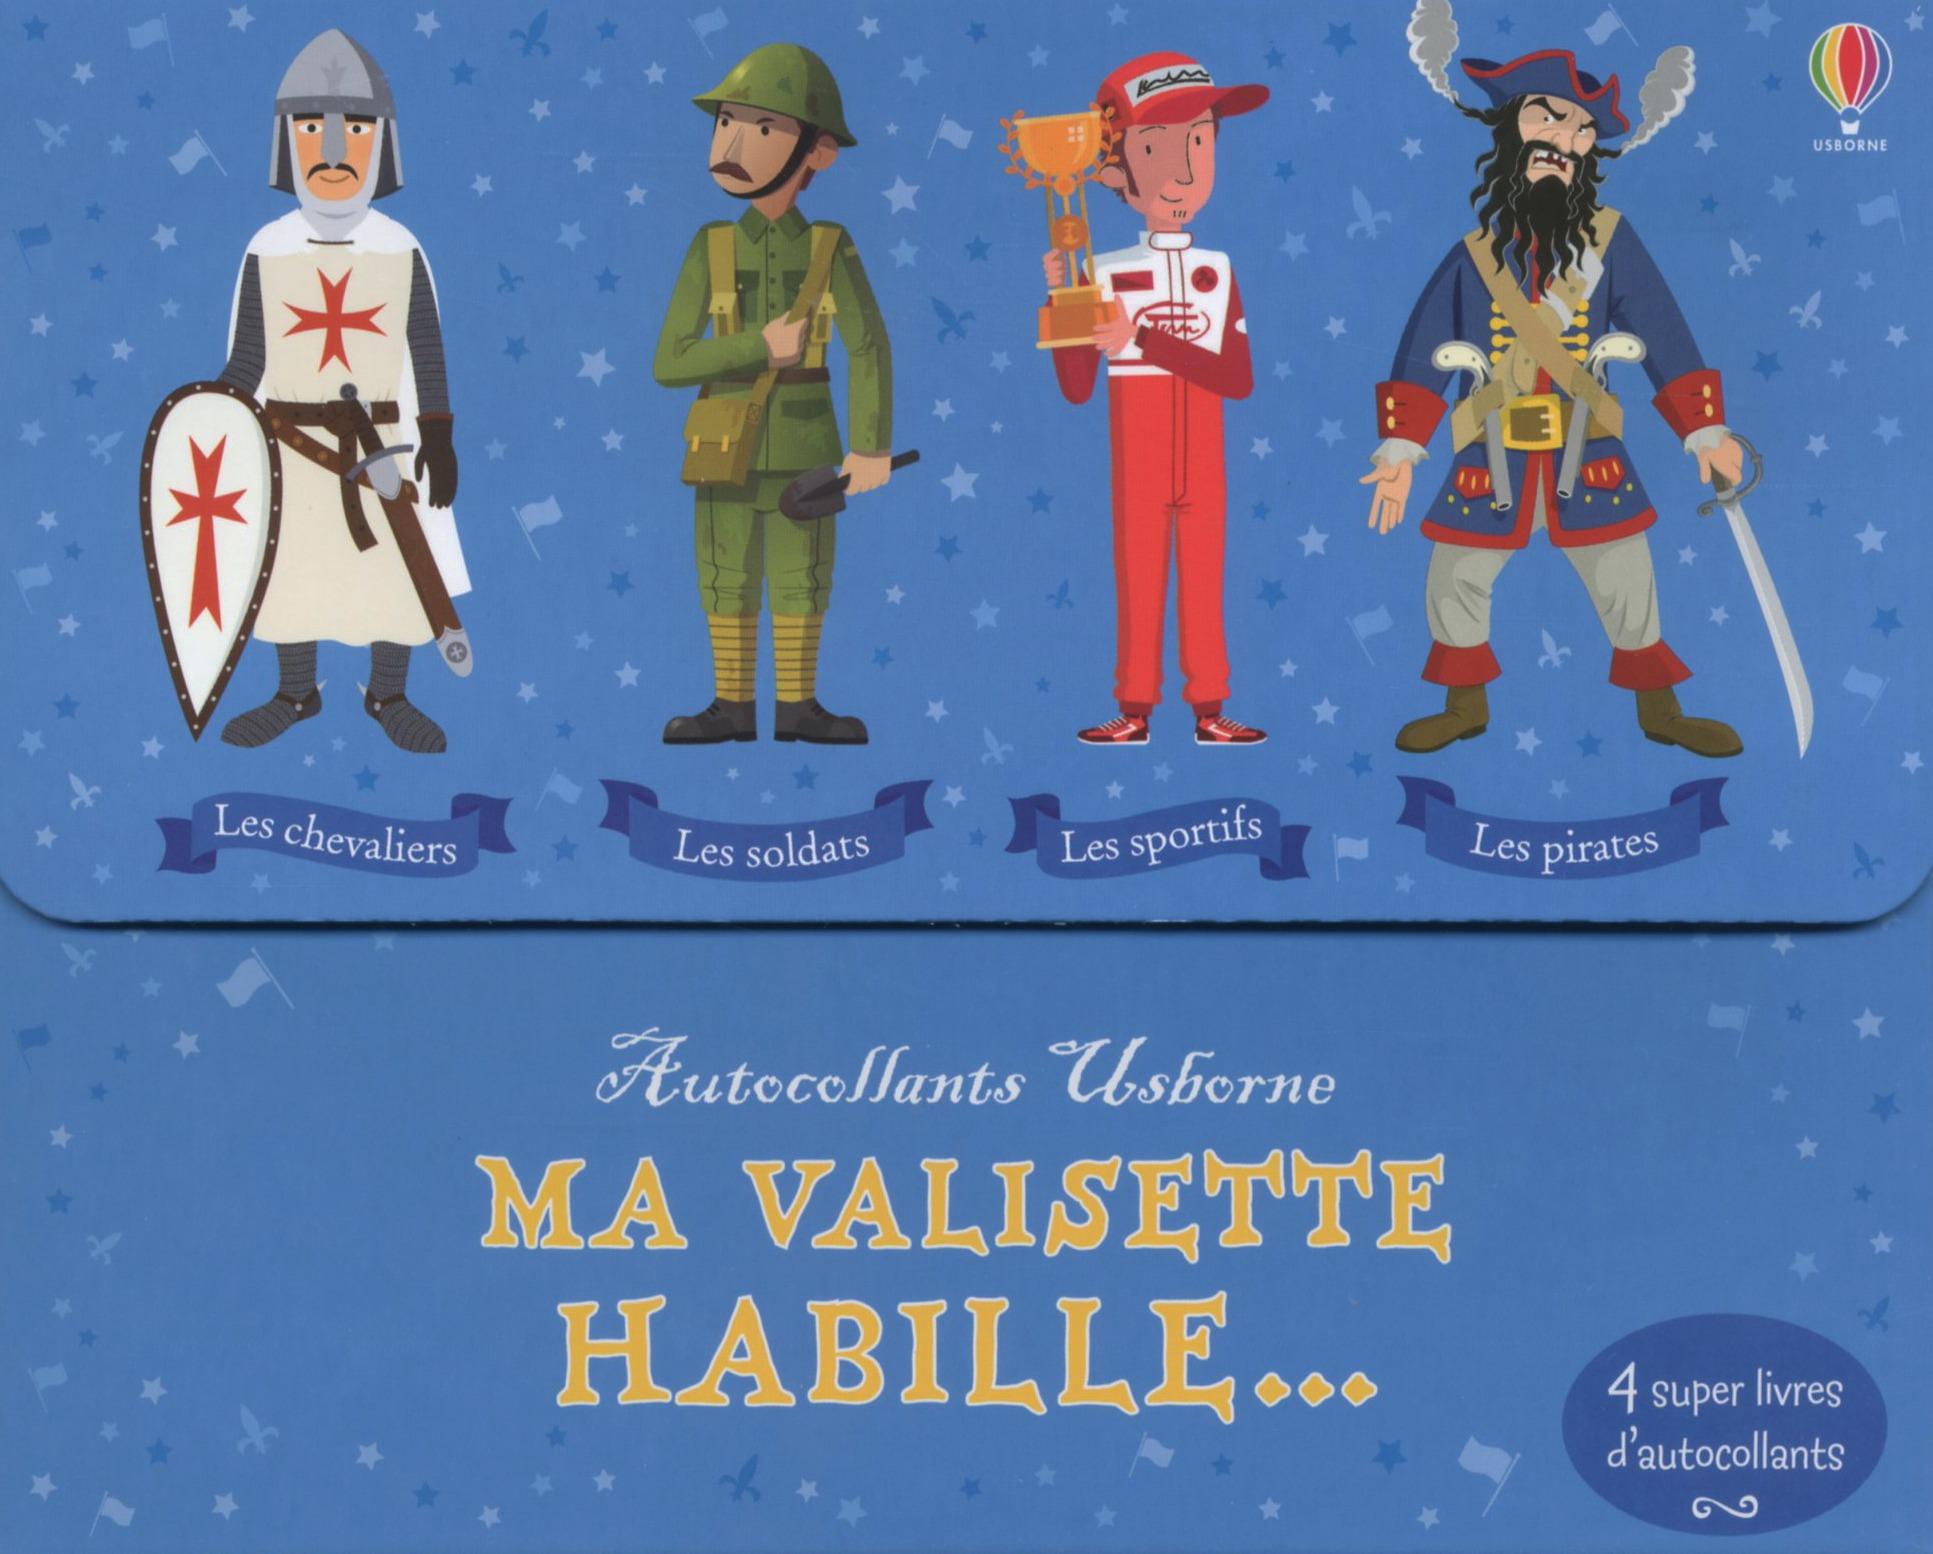 Brves de la franchise Bureau Valle France